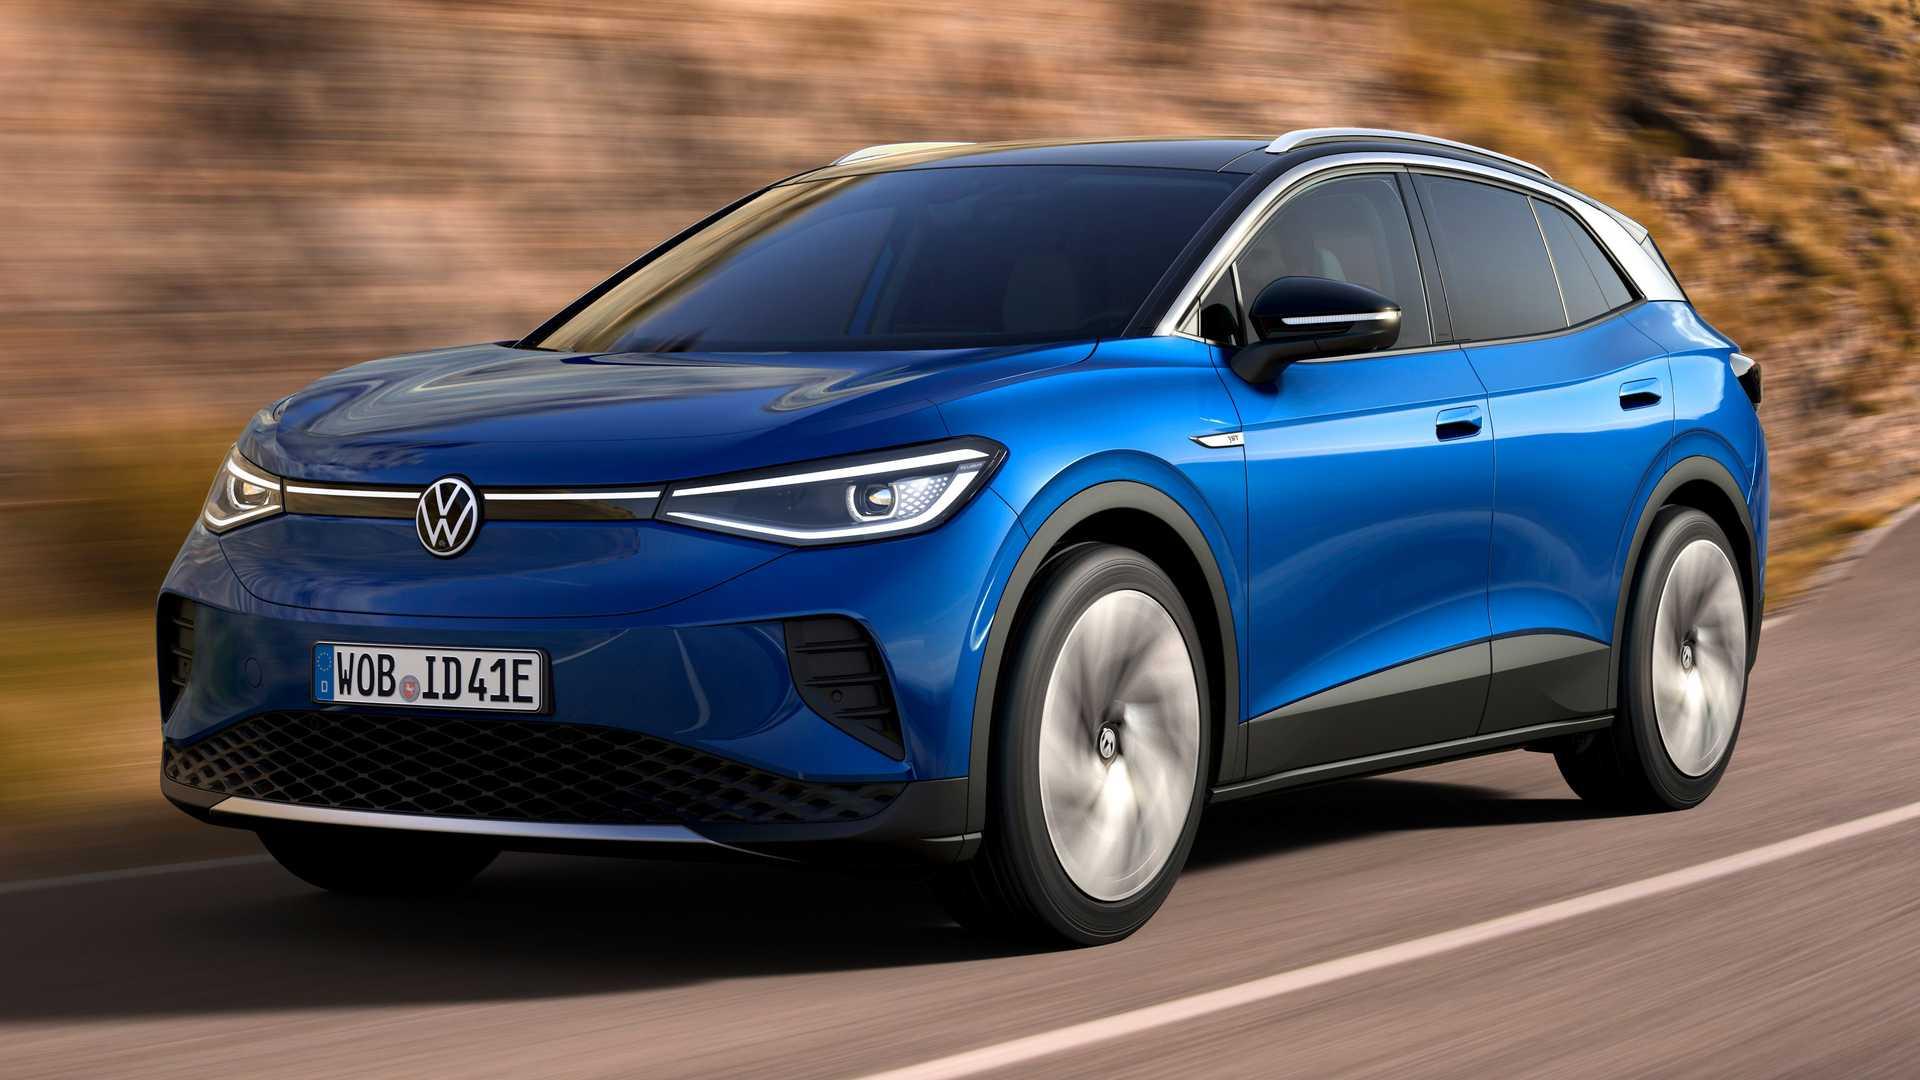 2021 Volkswagen ID.4 1ST Max